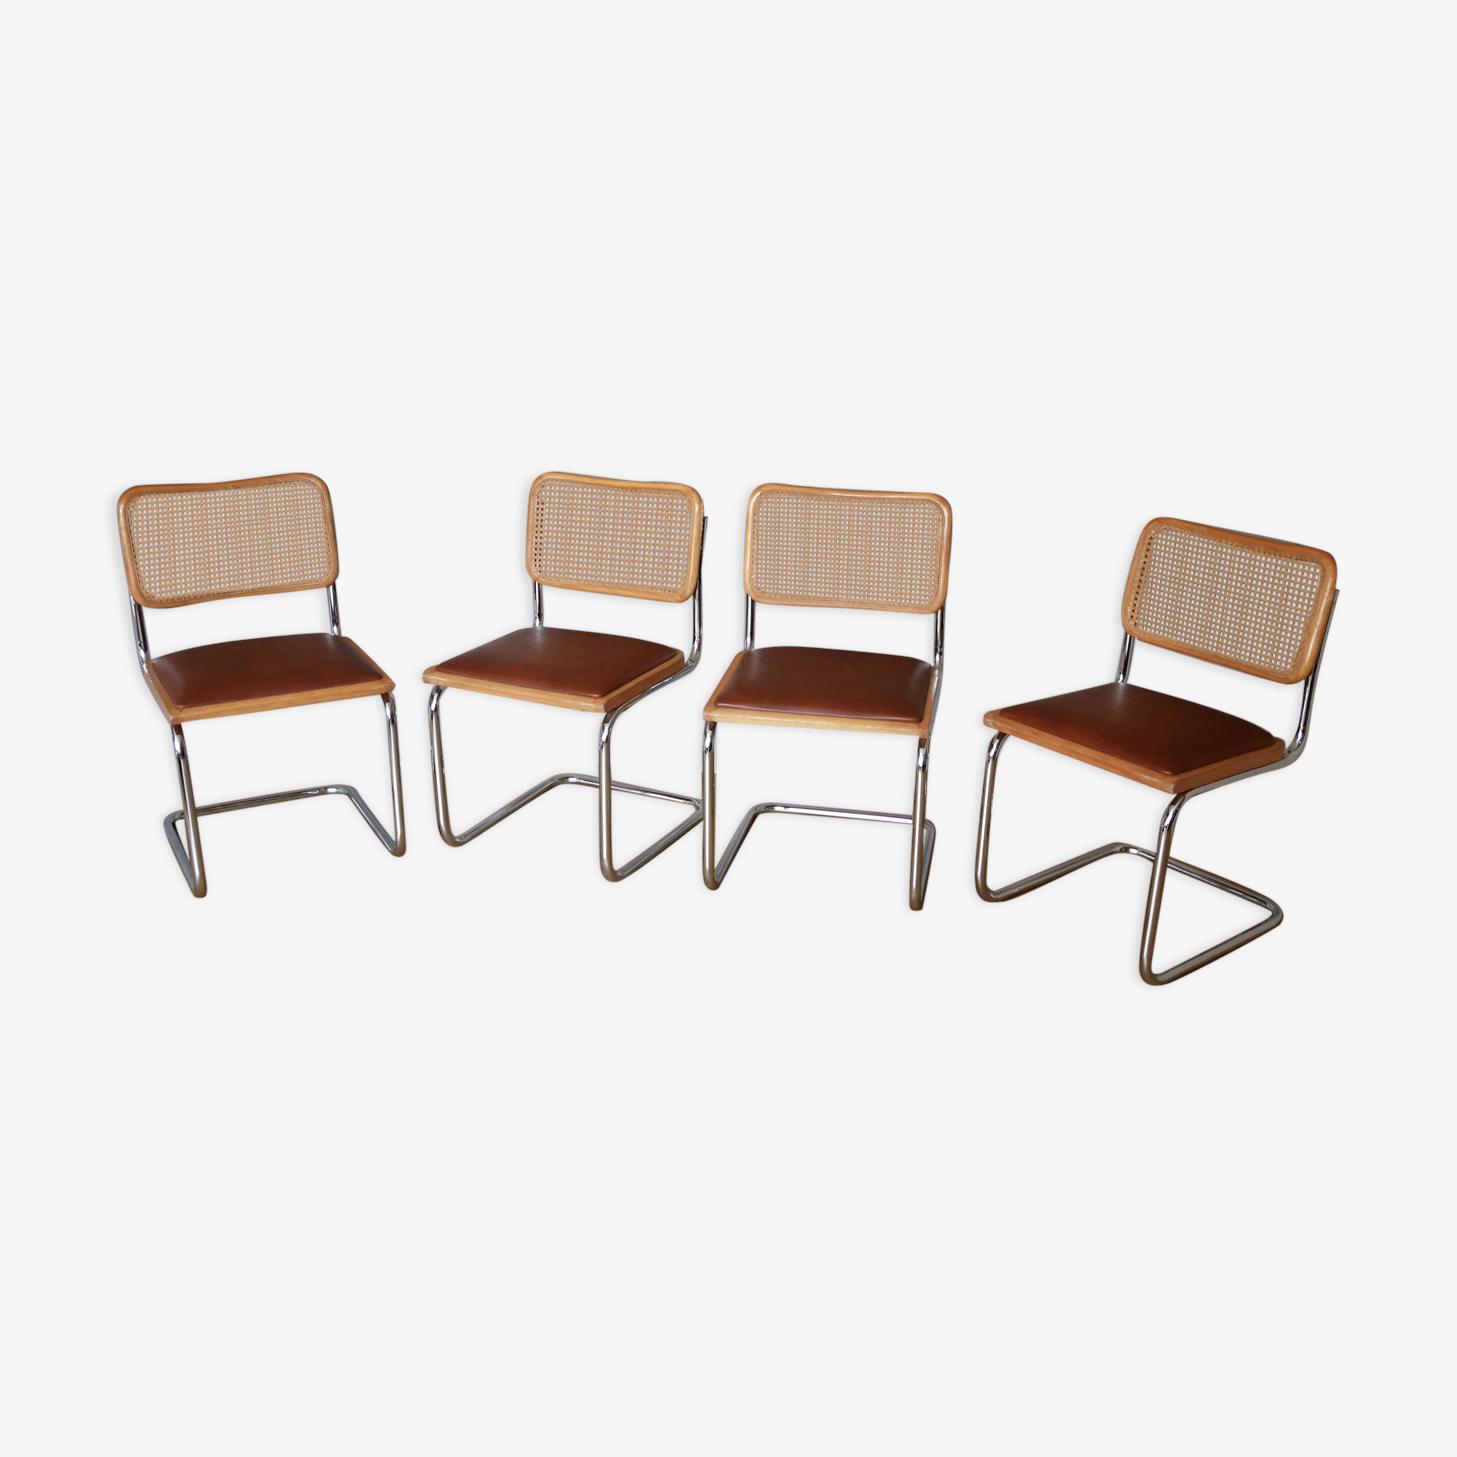 4 chaises Cesca B32 de Marcel Breuer années 70